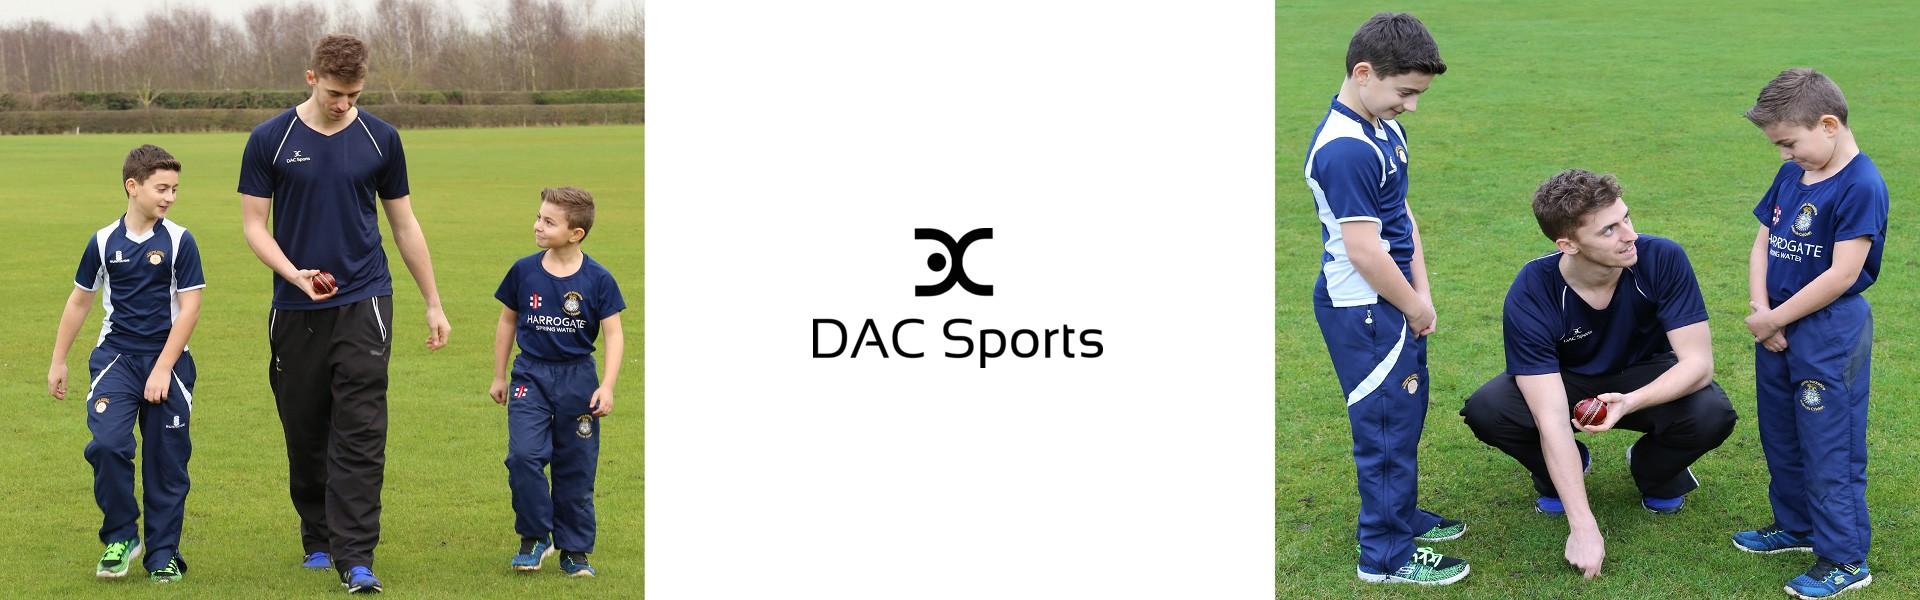 DAC Sports Coaching